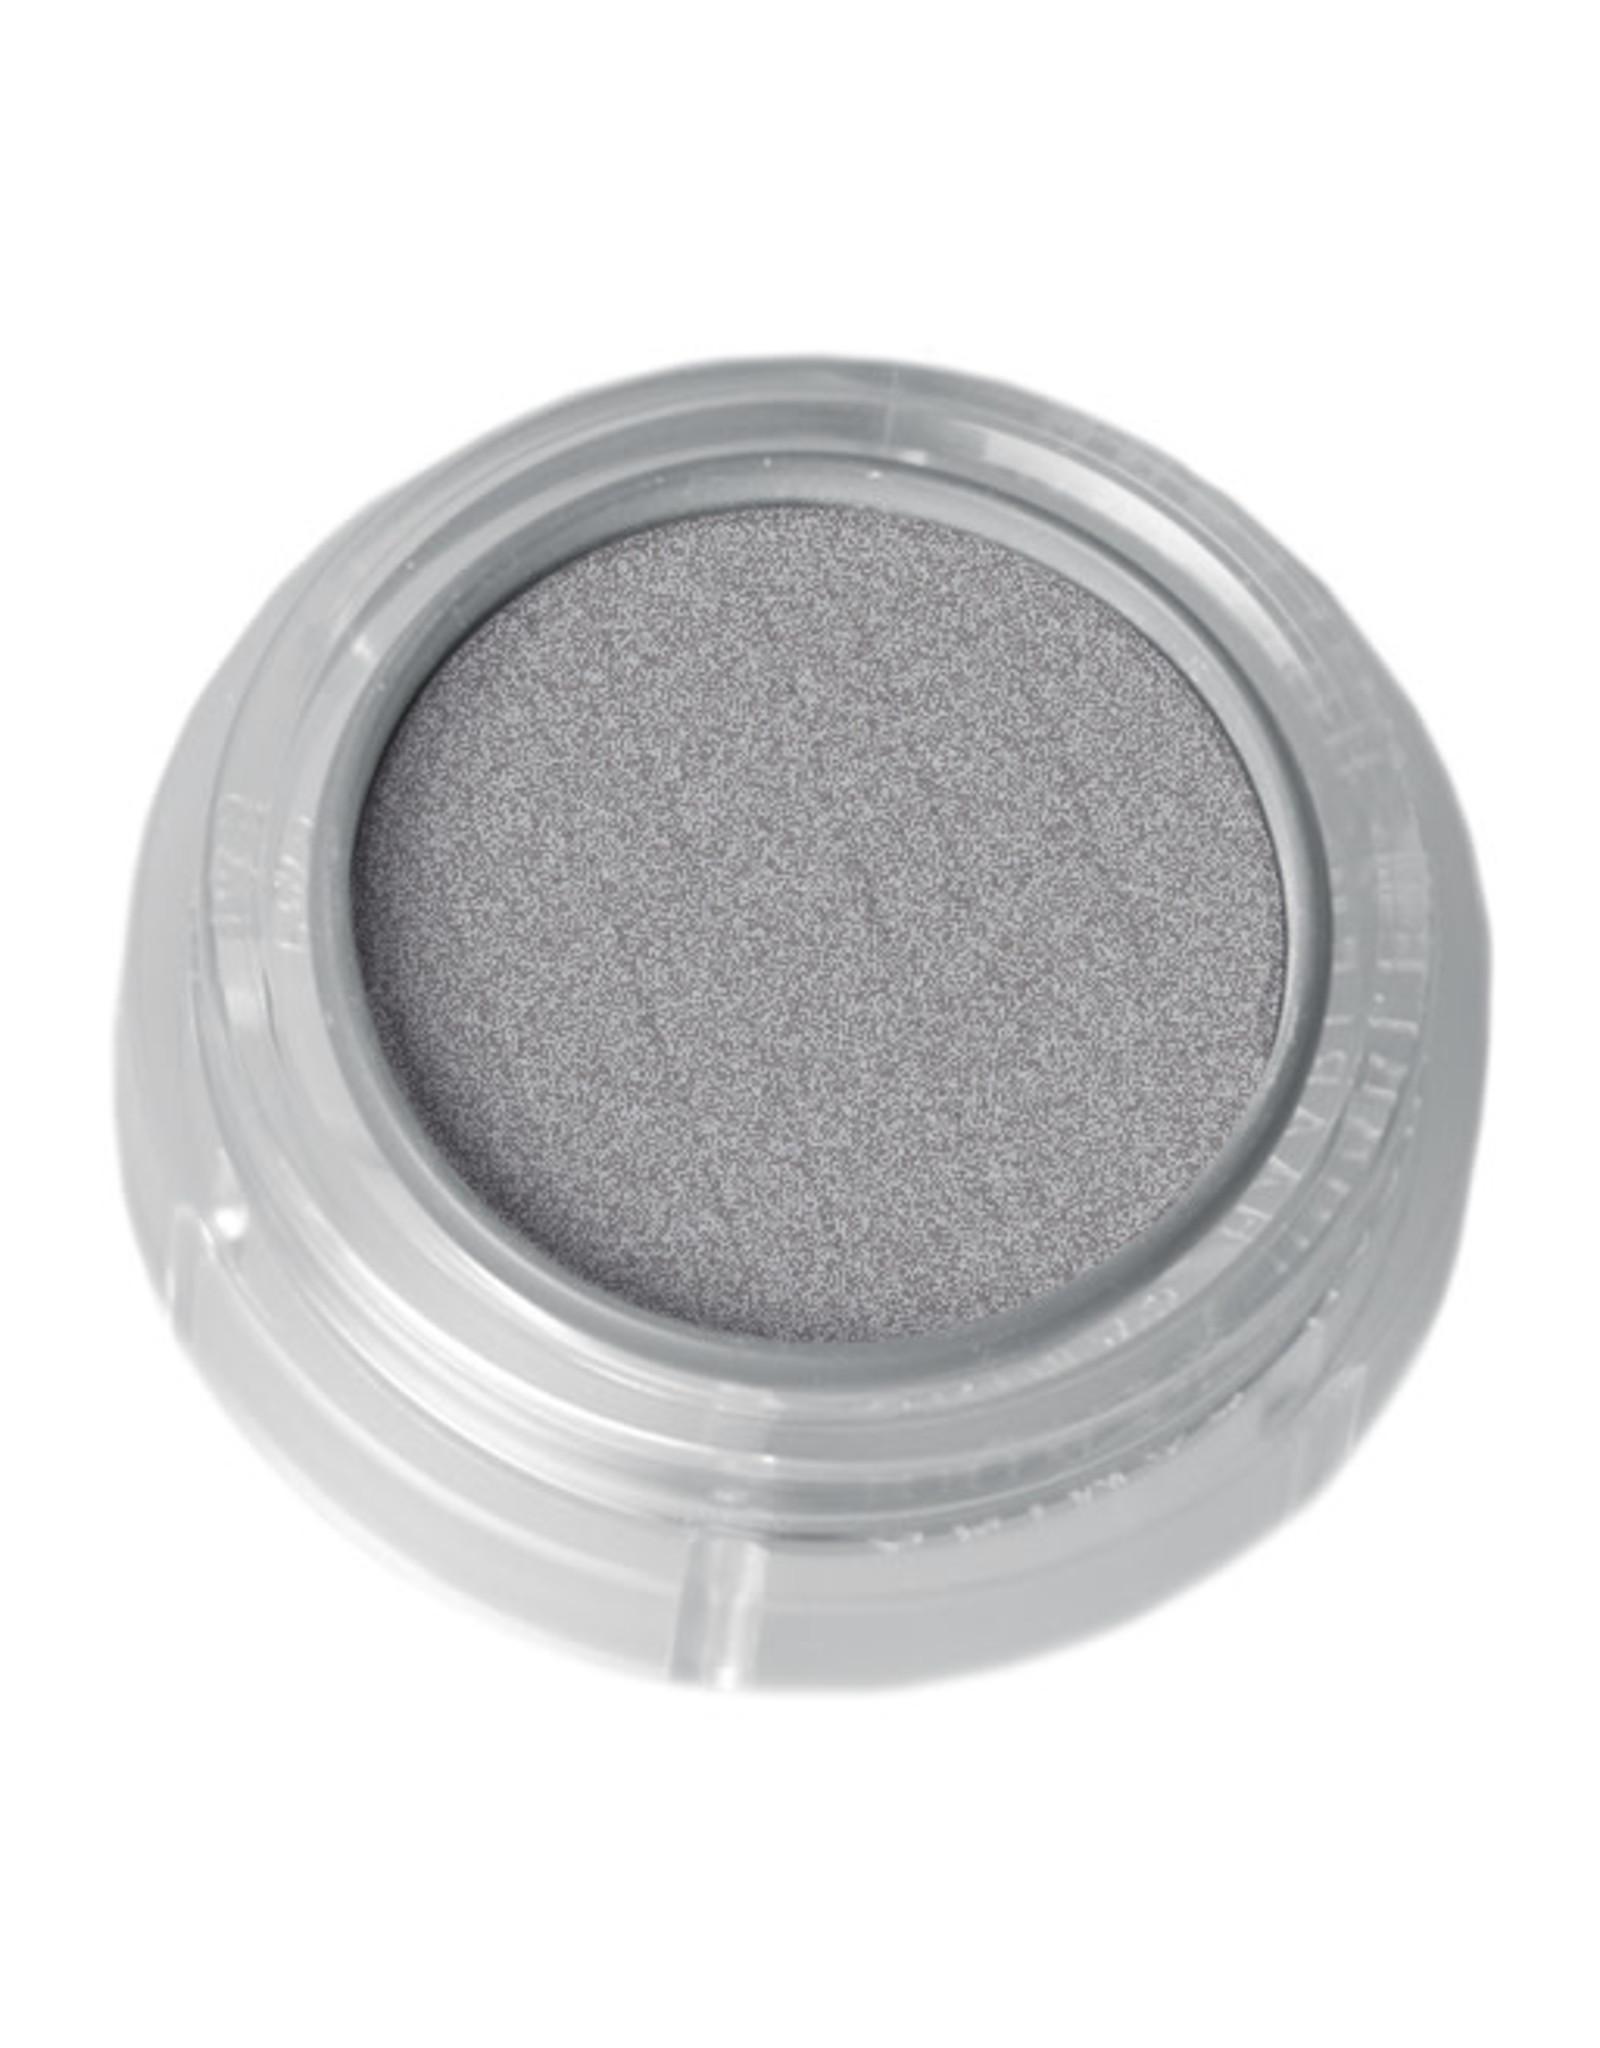 Grimas EYESHADOW/ROUGE PEARL 710 Pearl Grijs A1 (2,5 g)